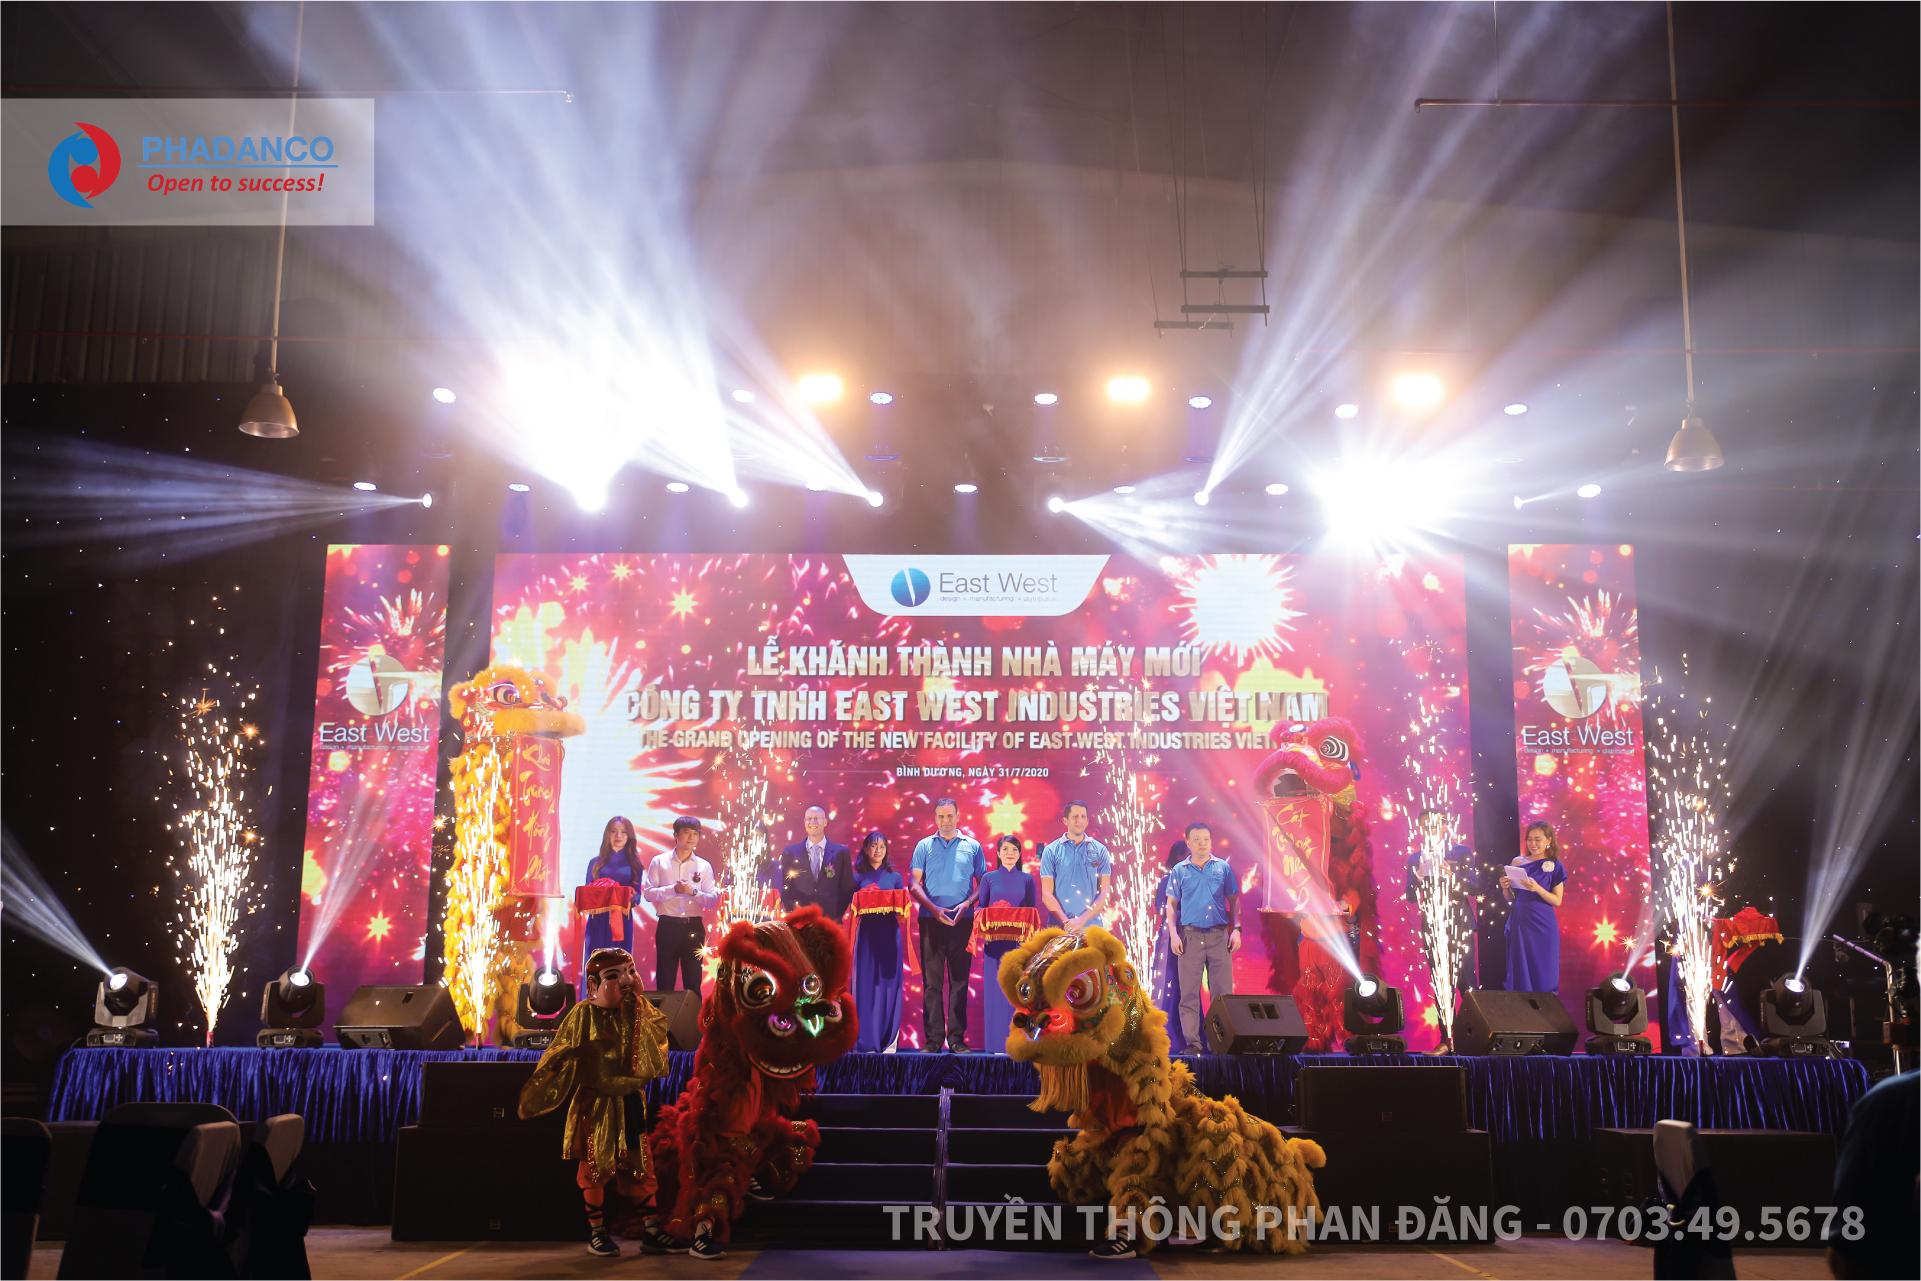 Sáng ngày 31-7-2020,Công Ty TNHH East West Industries Việt Nam đã tổ chức lễ khánh thành nhà máy mới toạ lạc tạiKCN Vietnam Singapore II Bình Dương, Việt Nam. Đơn vị được bầu chọn để tổ chức lễ khánh thành long trọng này là Truyền Thông Phan Đăng.